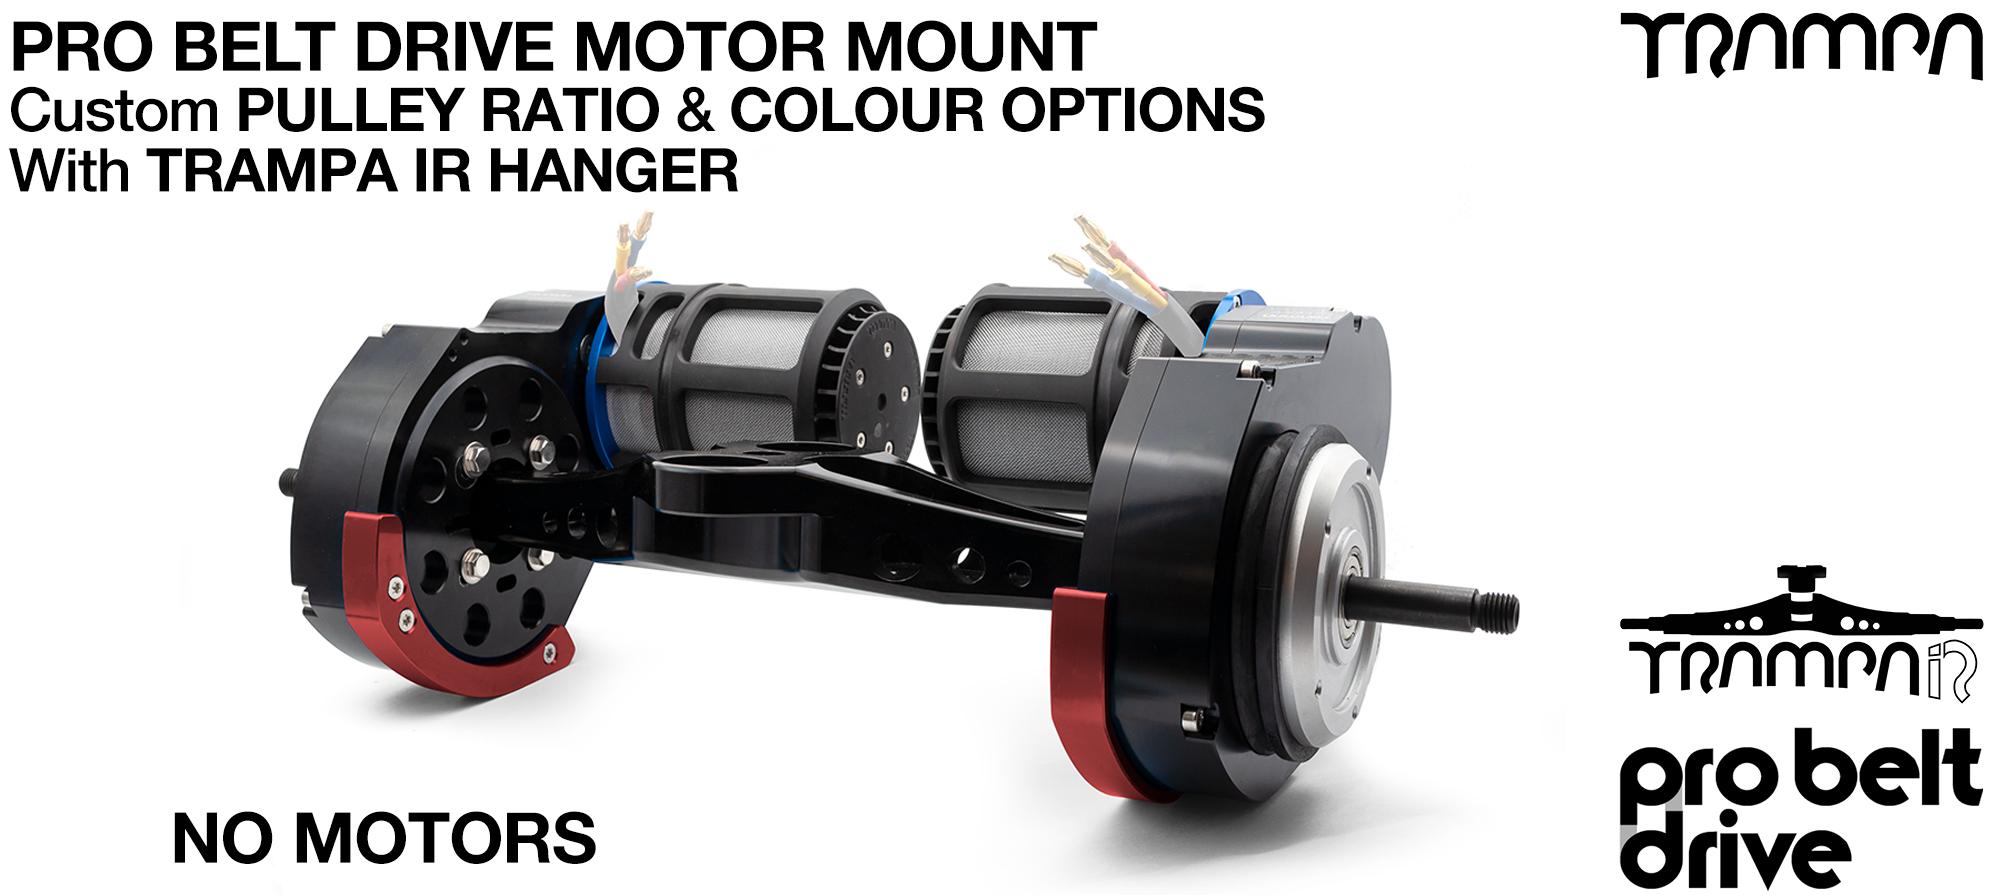 TRAMPA's 16mm PRO Belt Drive TWIN Motor Mountainboard & TRAMPA IR Hanger - NO MOTORS